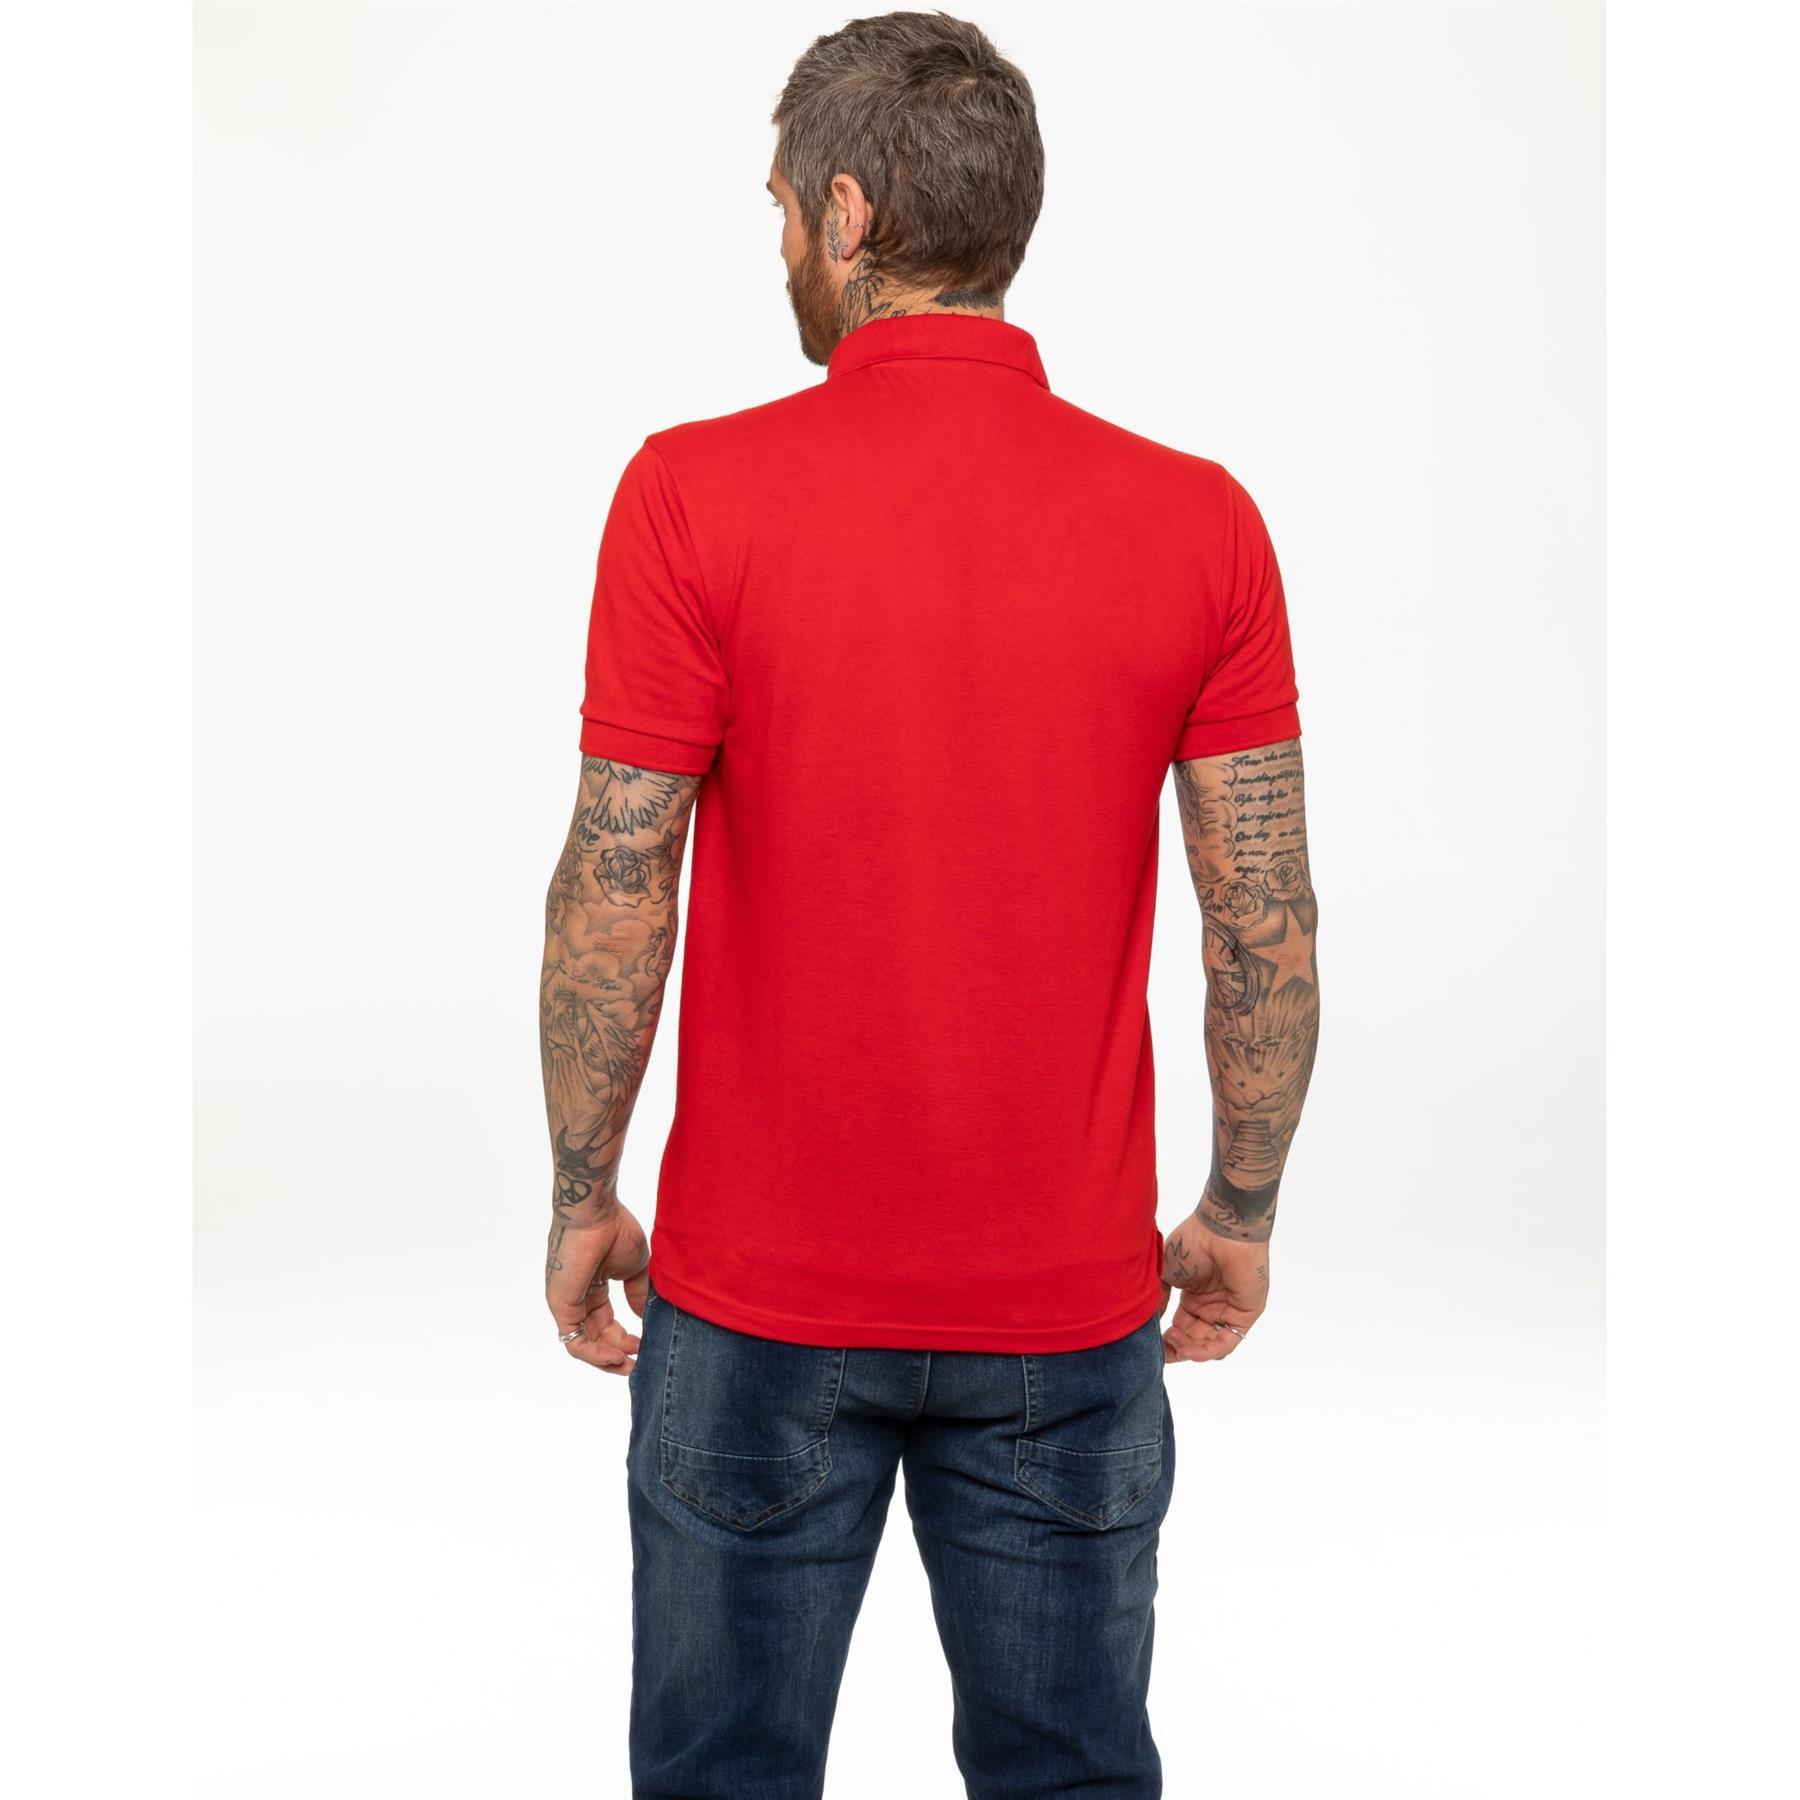 Indexbild 40 - Herren Polohemd Freizeit T-Shirts Neu Schlicht Kurzärmeliges Regular Fit